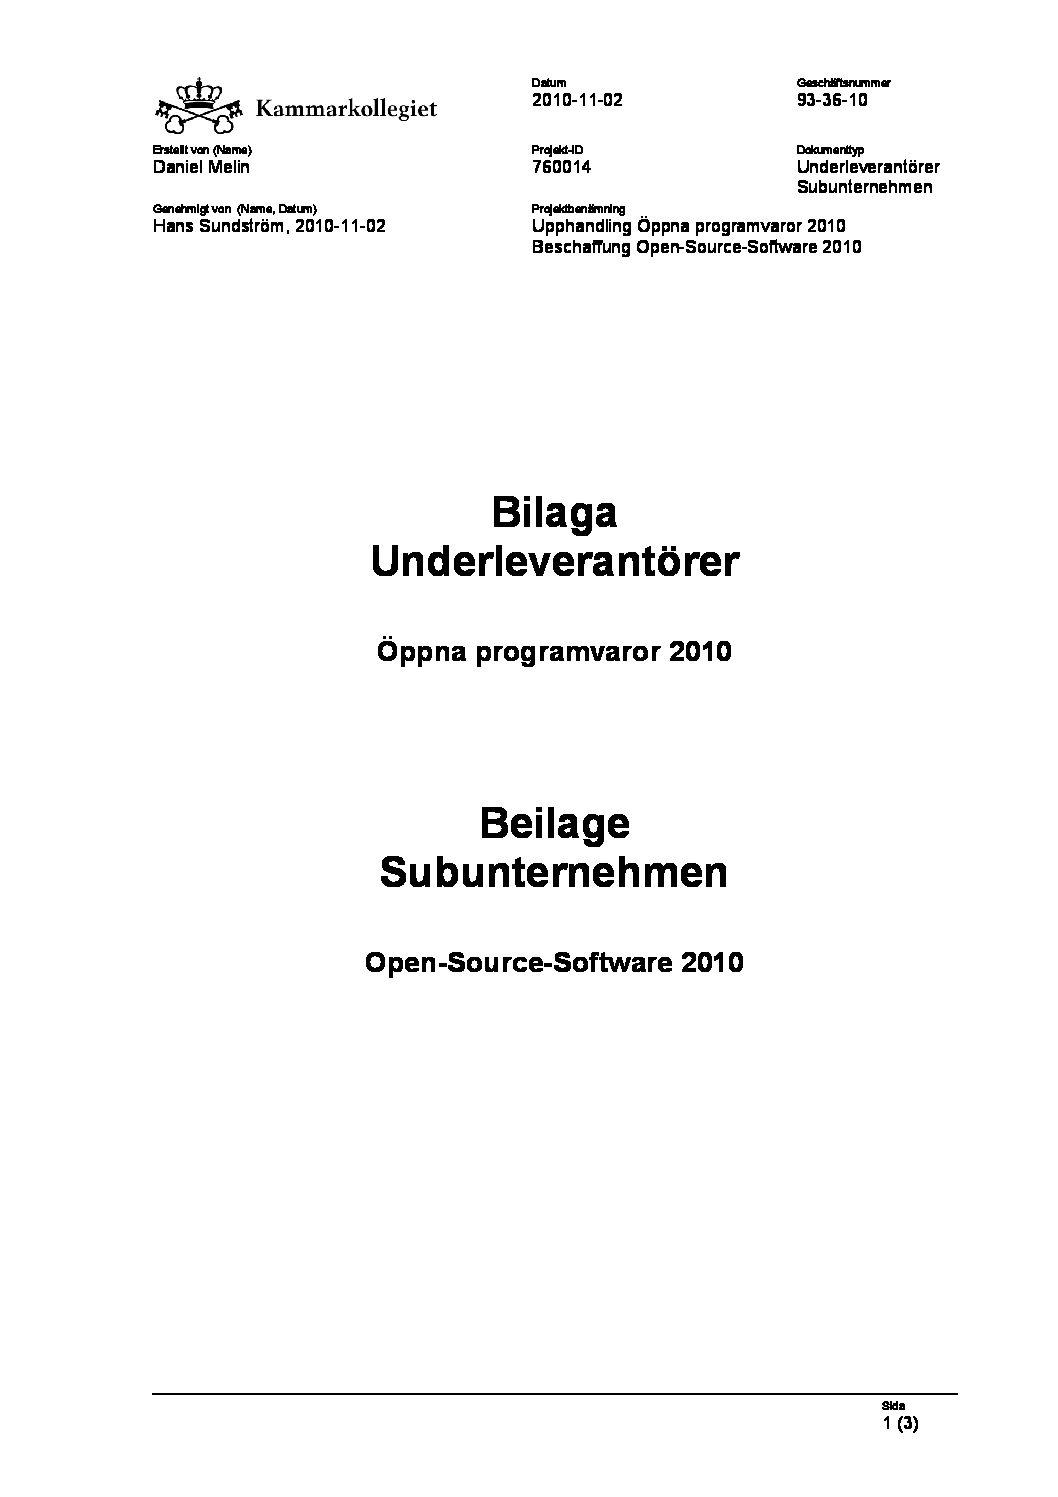 Bilaga Underleverantörer - Beilage Subunternehmer